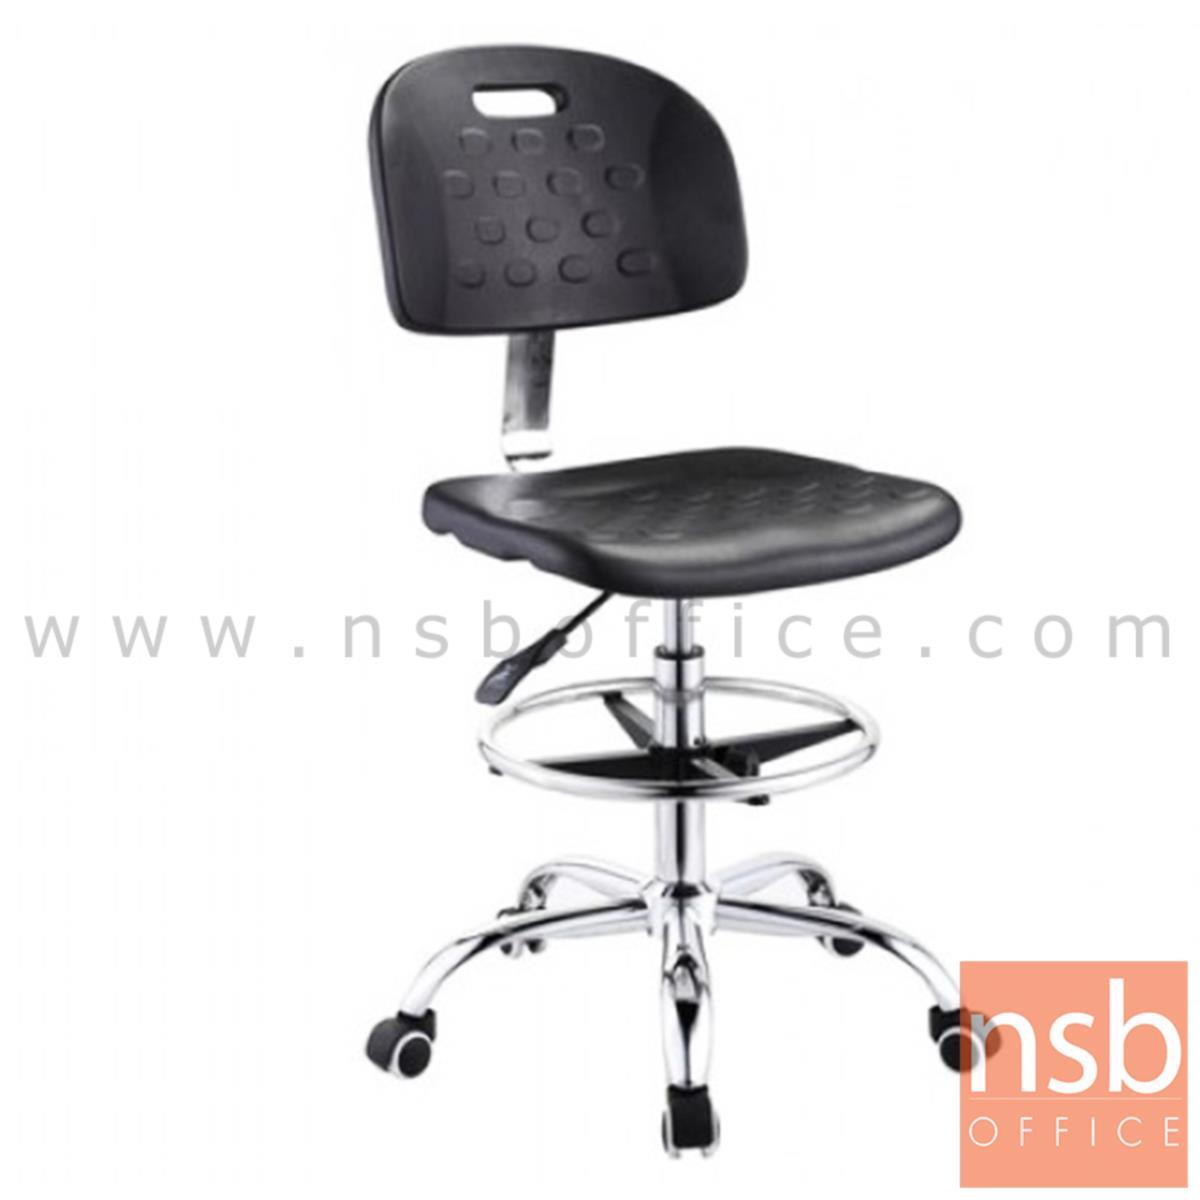 B02A069:เก้าอี้บาร์ที่นั่งเหลี่ยมล้อเลื่อน รุ่น Warner (วอร์เนอร์)  โช๊คแก๊ส ขาพลาสติก